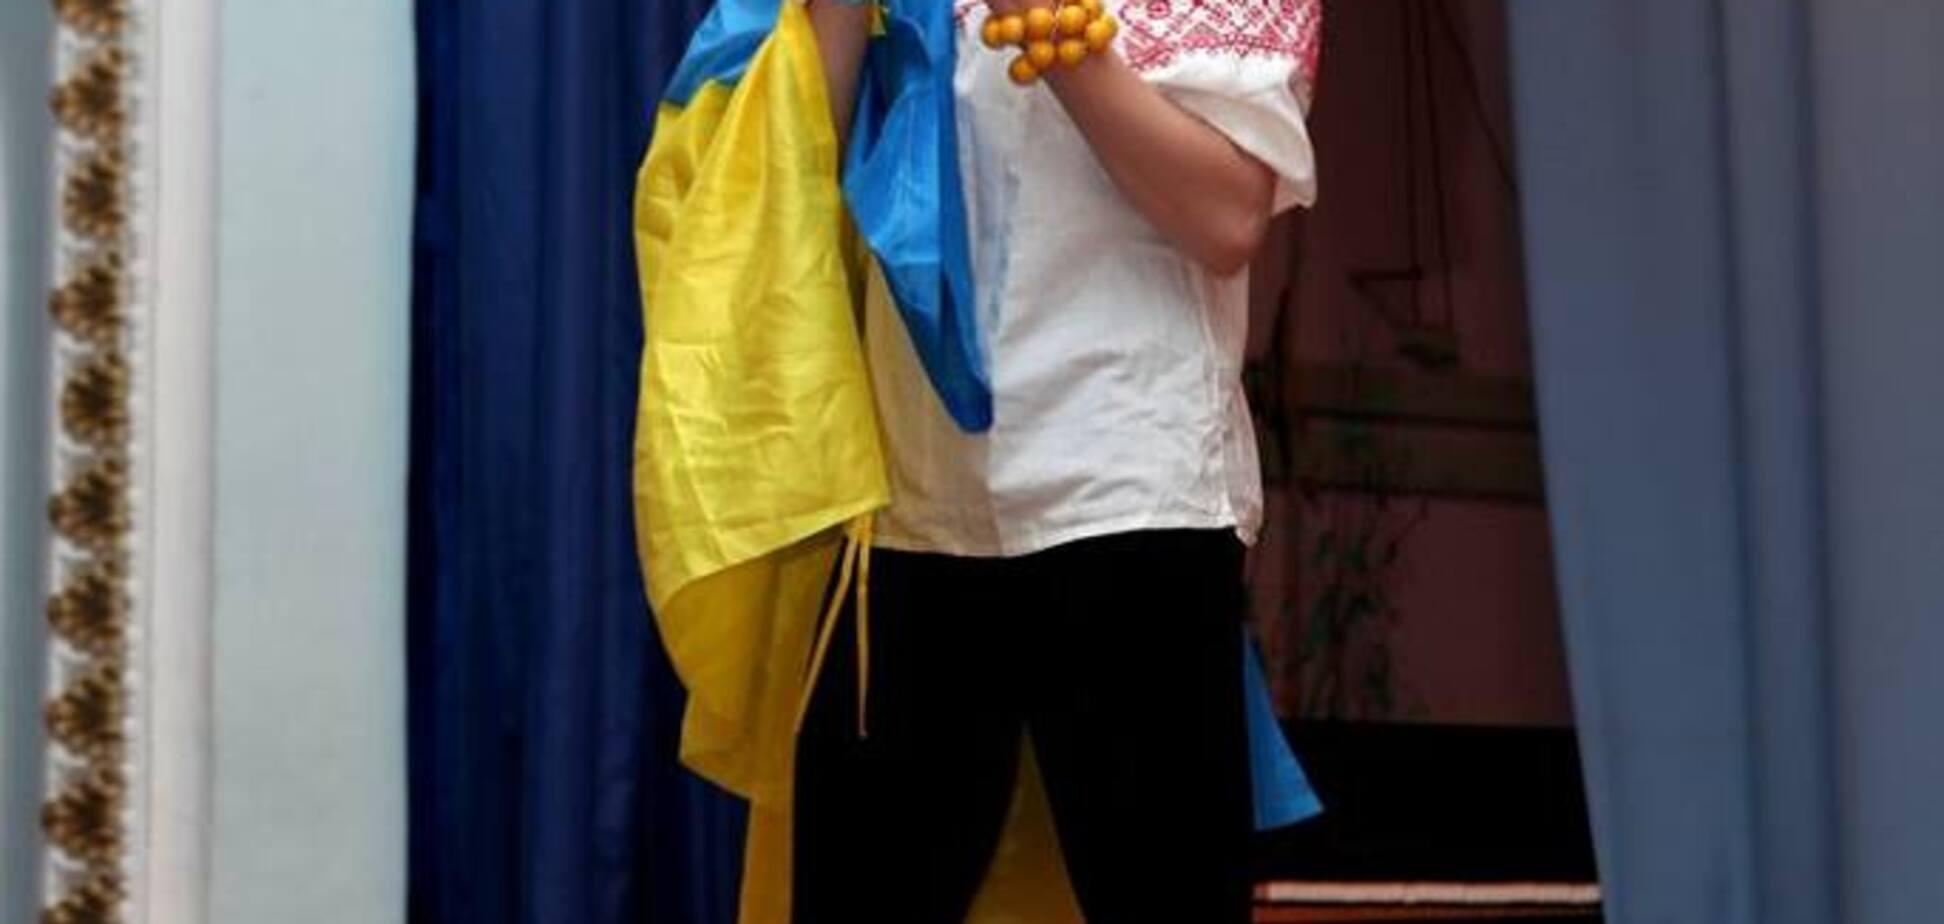 'Це наша війна': знаменита українська гімнастка розповіла про допомогу бійцям АТО